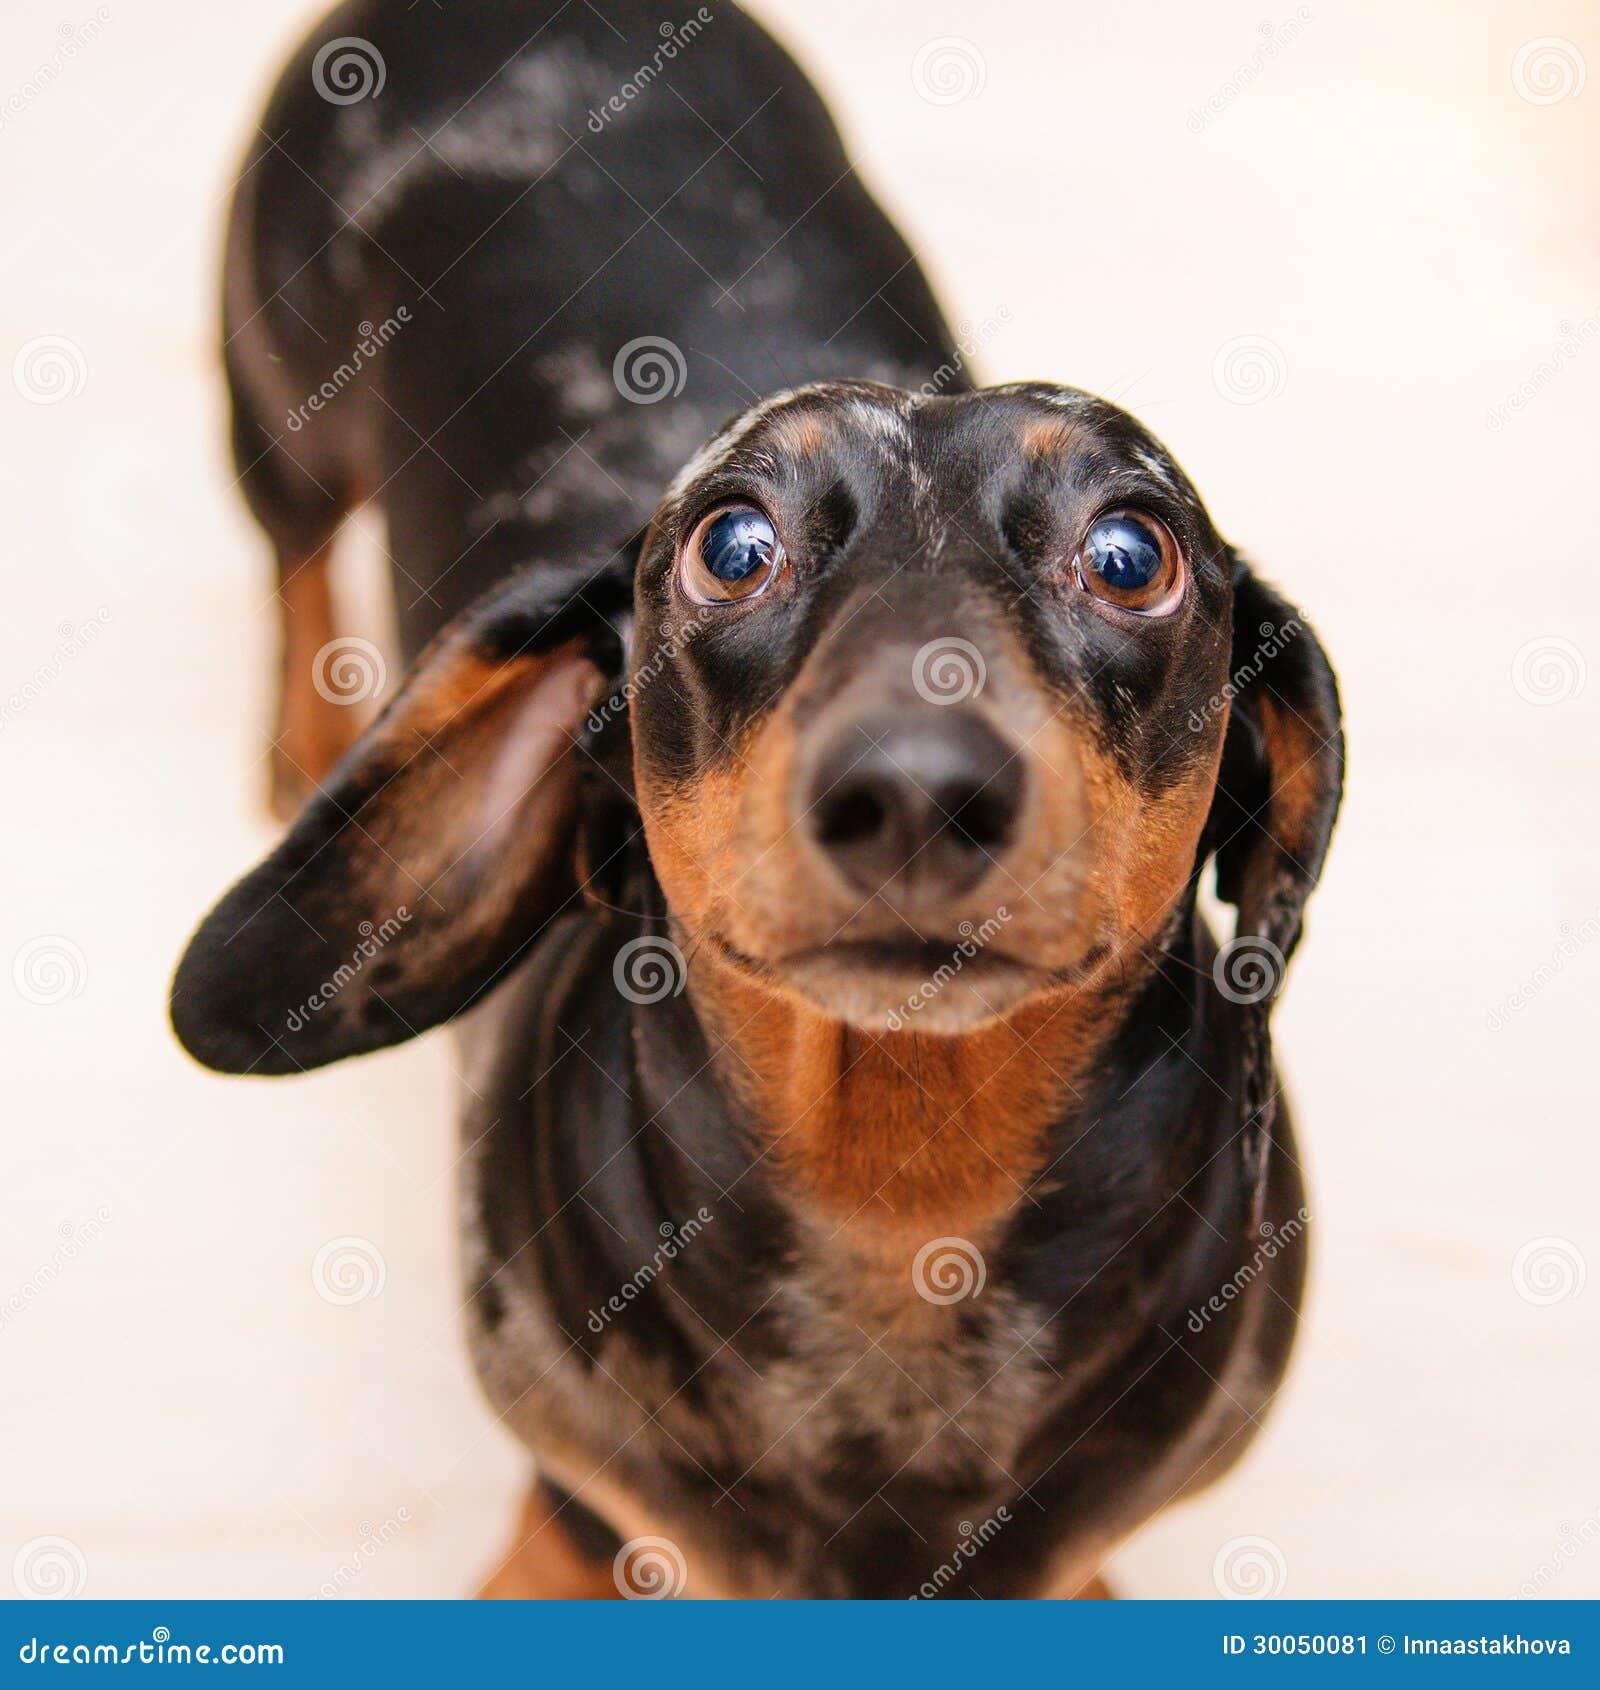 Funny Dachshund Dog Stock Image Image 30050081